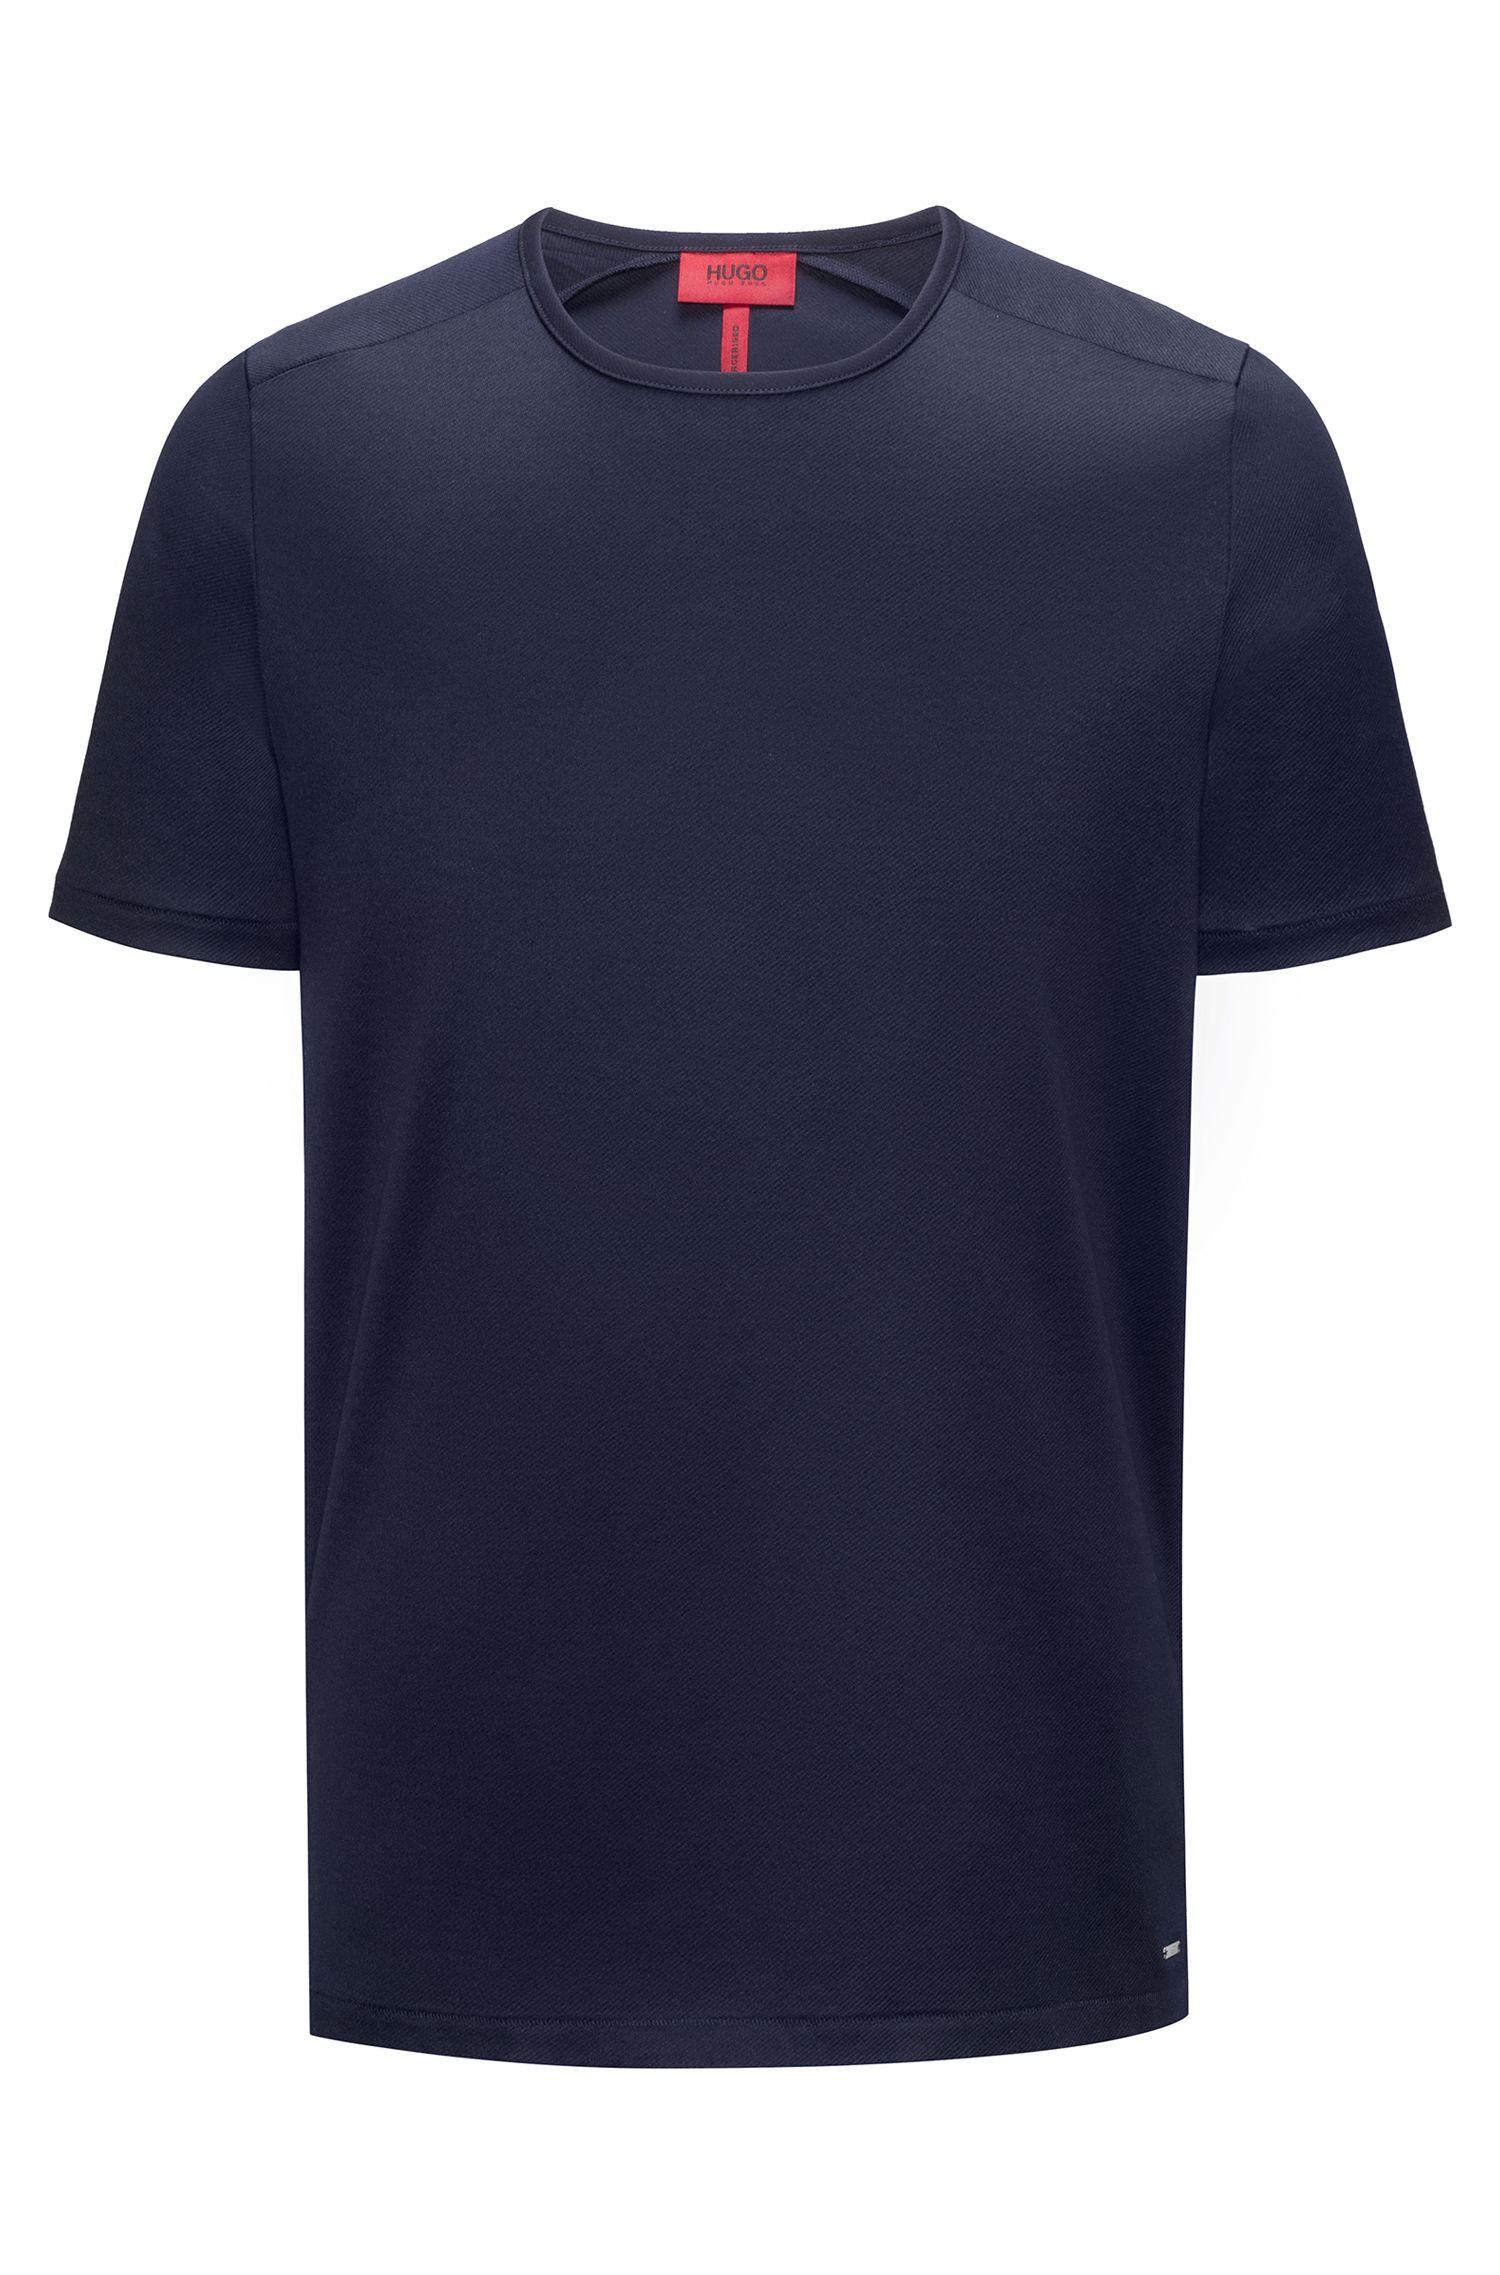 T-Shirt aus merzerisiertem Interlock-Gewebe mit Rundhalsausschnitt